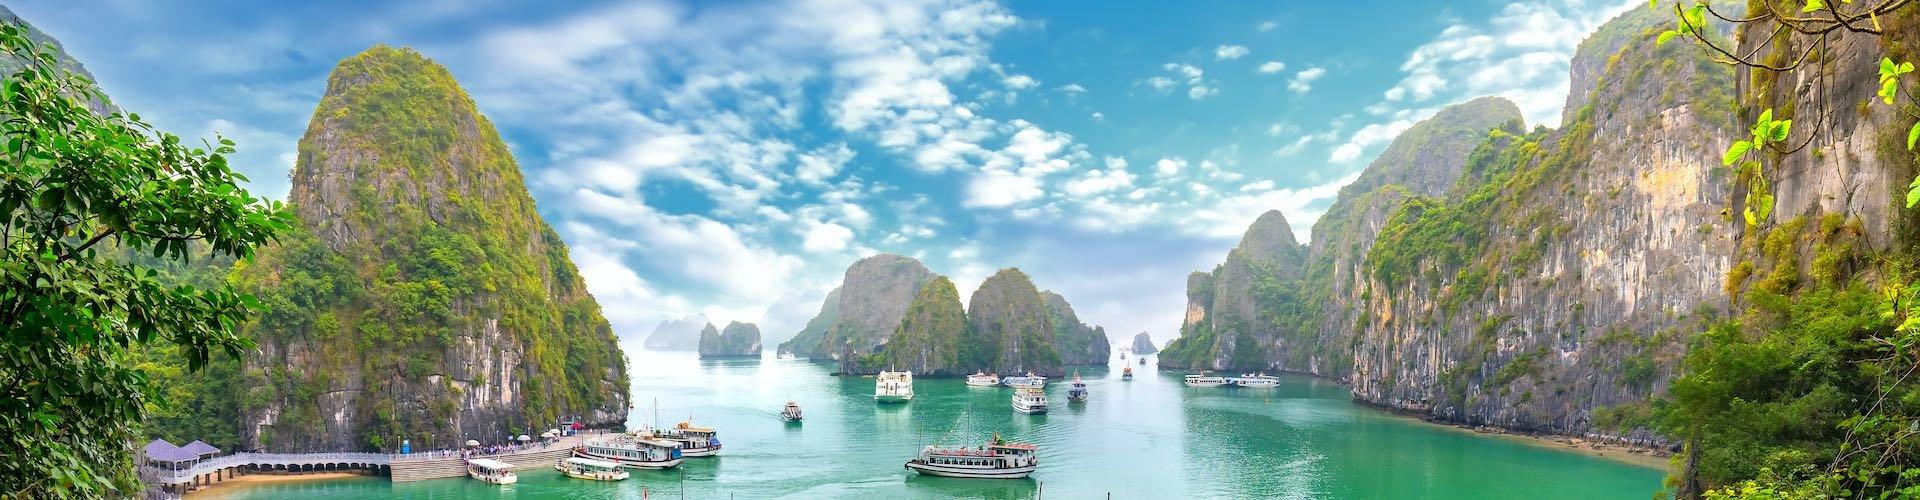 Familienurlaub in Vietnam